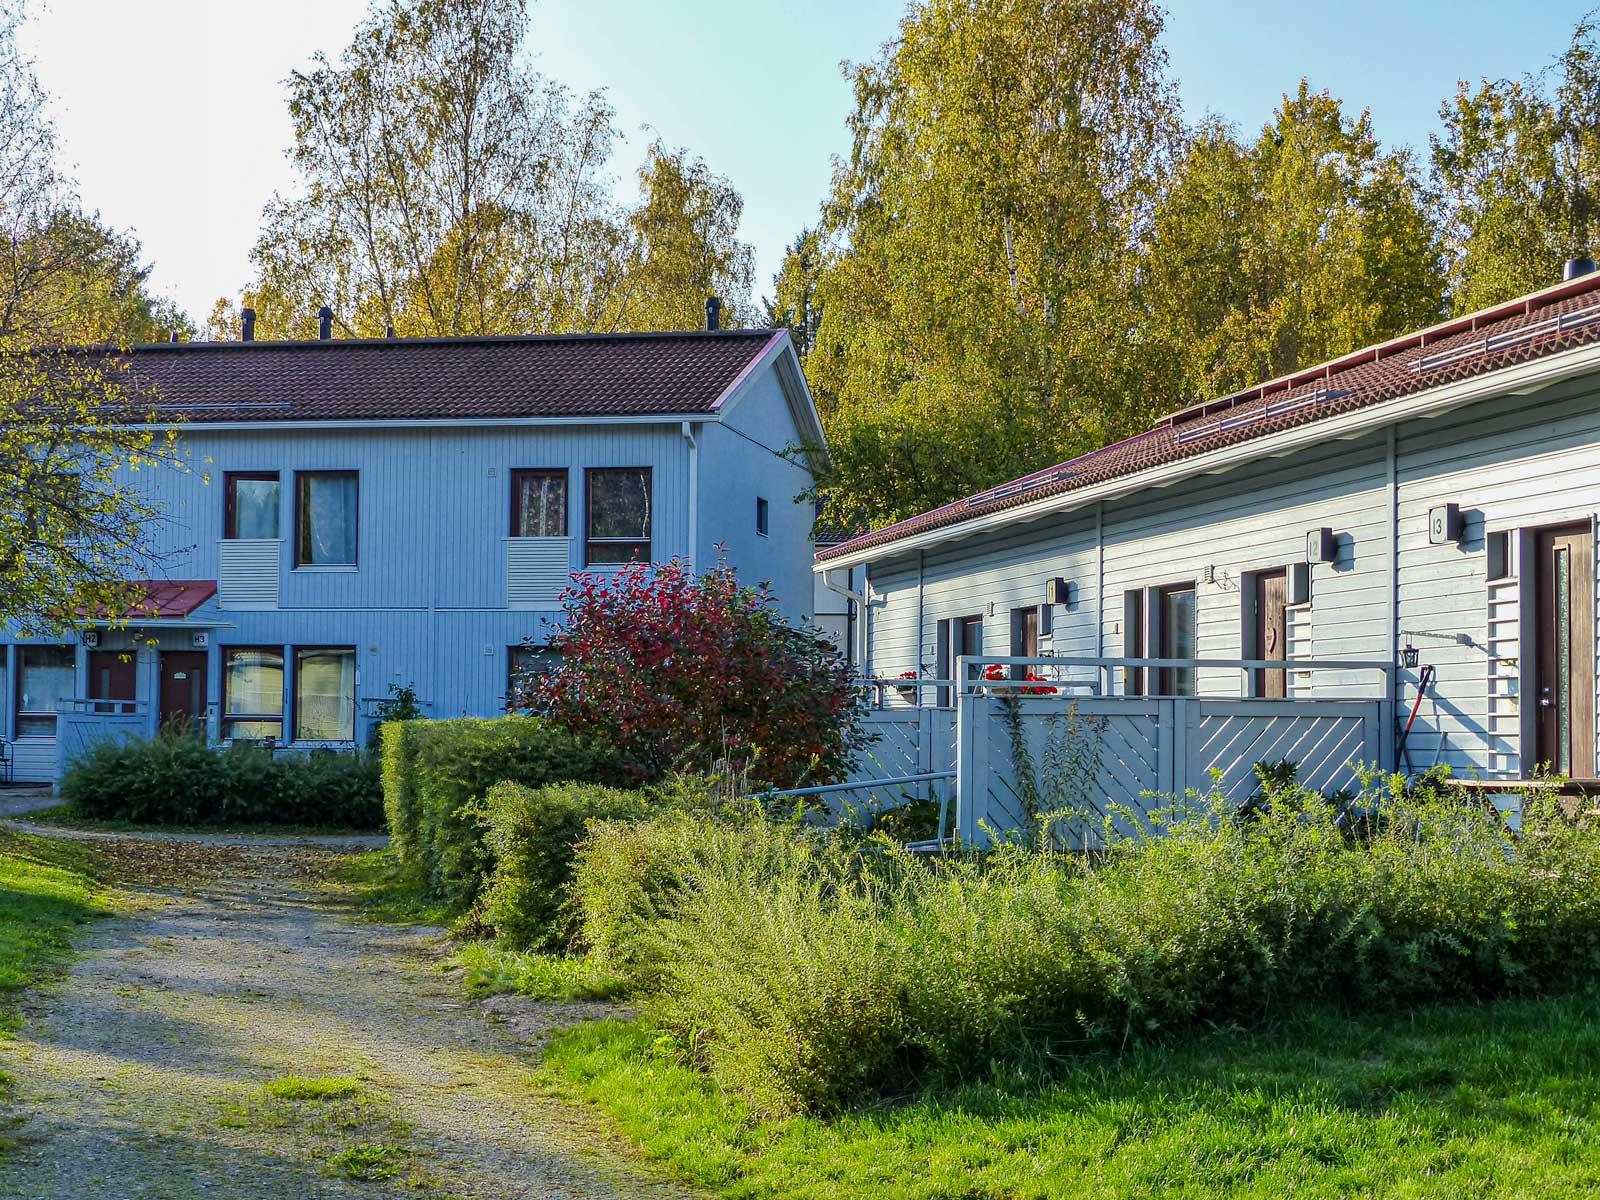 Kyllikinpolku 2-4, Riihimäki